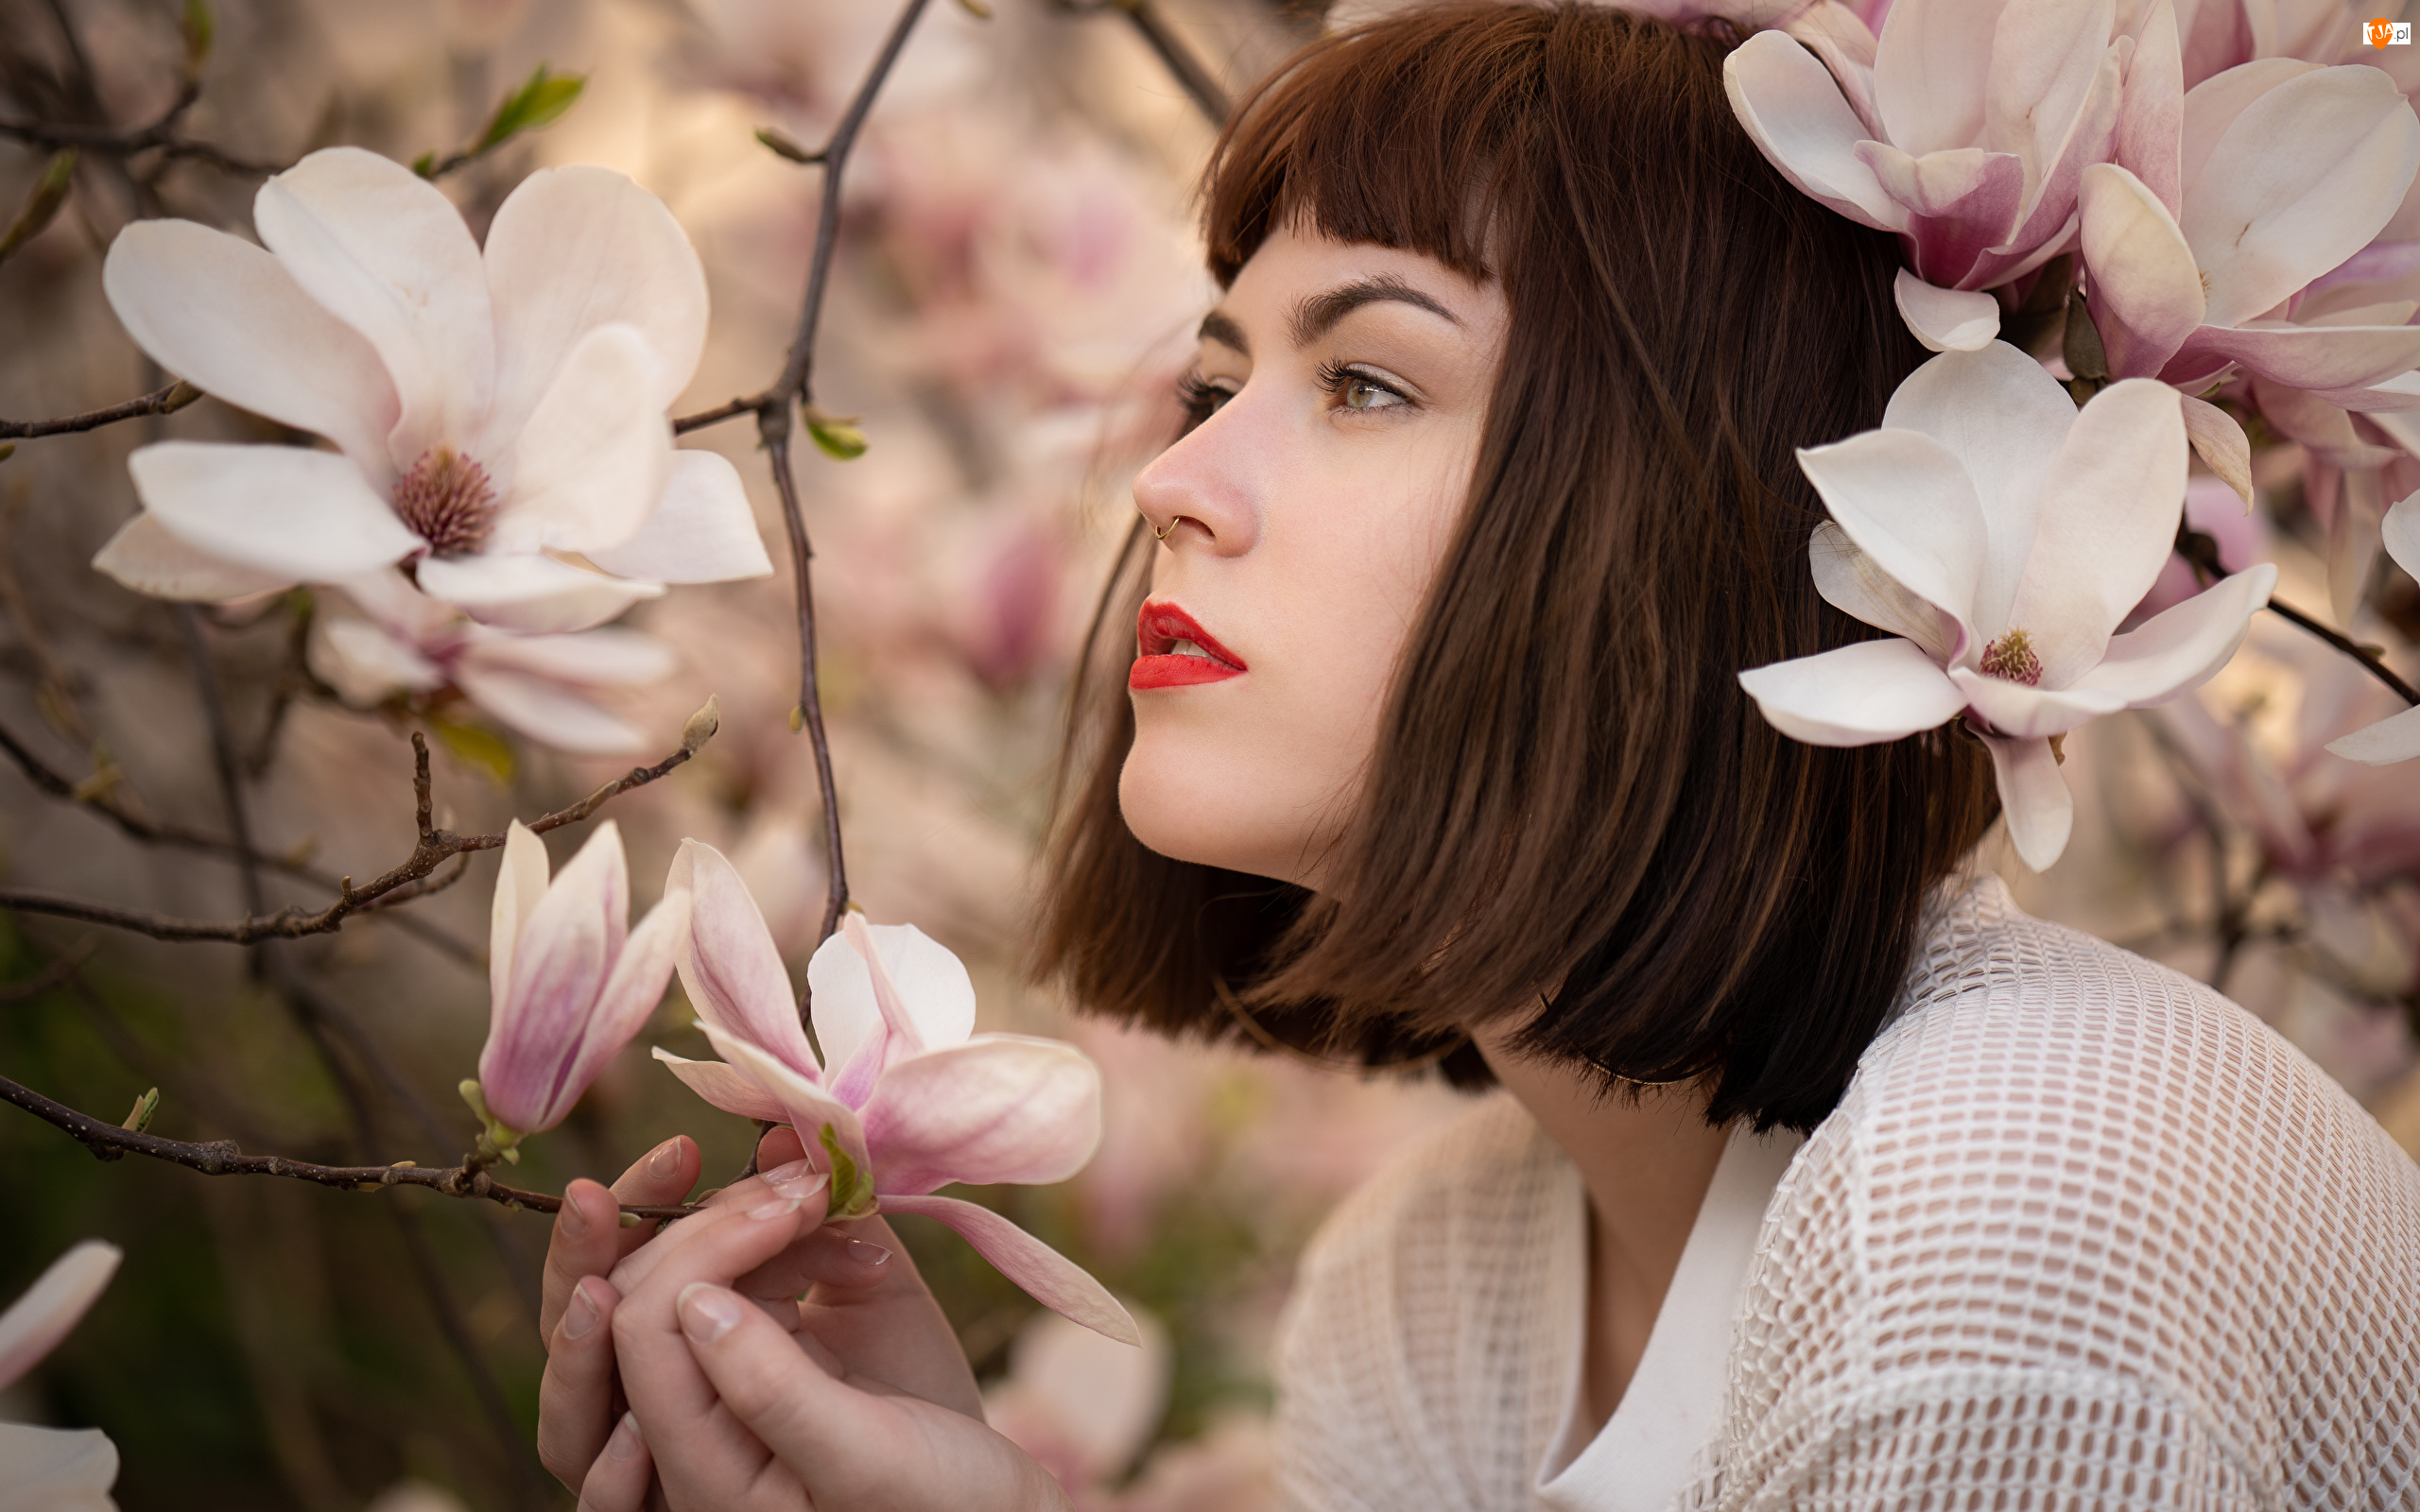 Kwiaty, Makijaż, Magnolia, Krzew, Kobieta